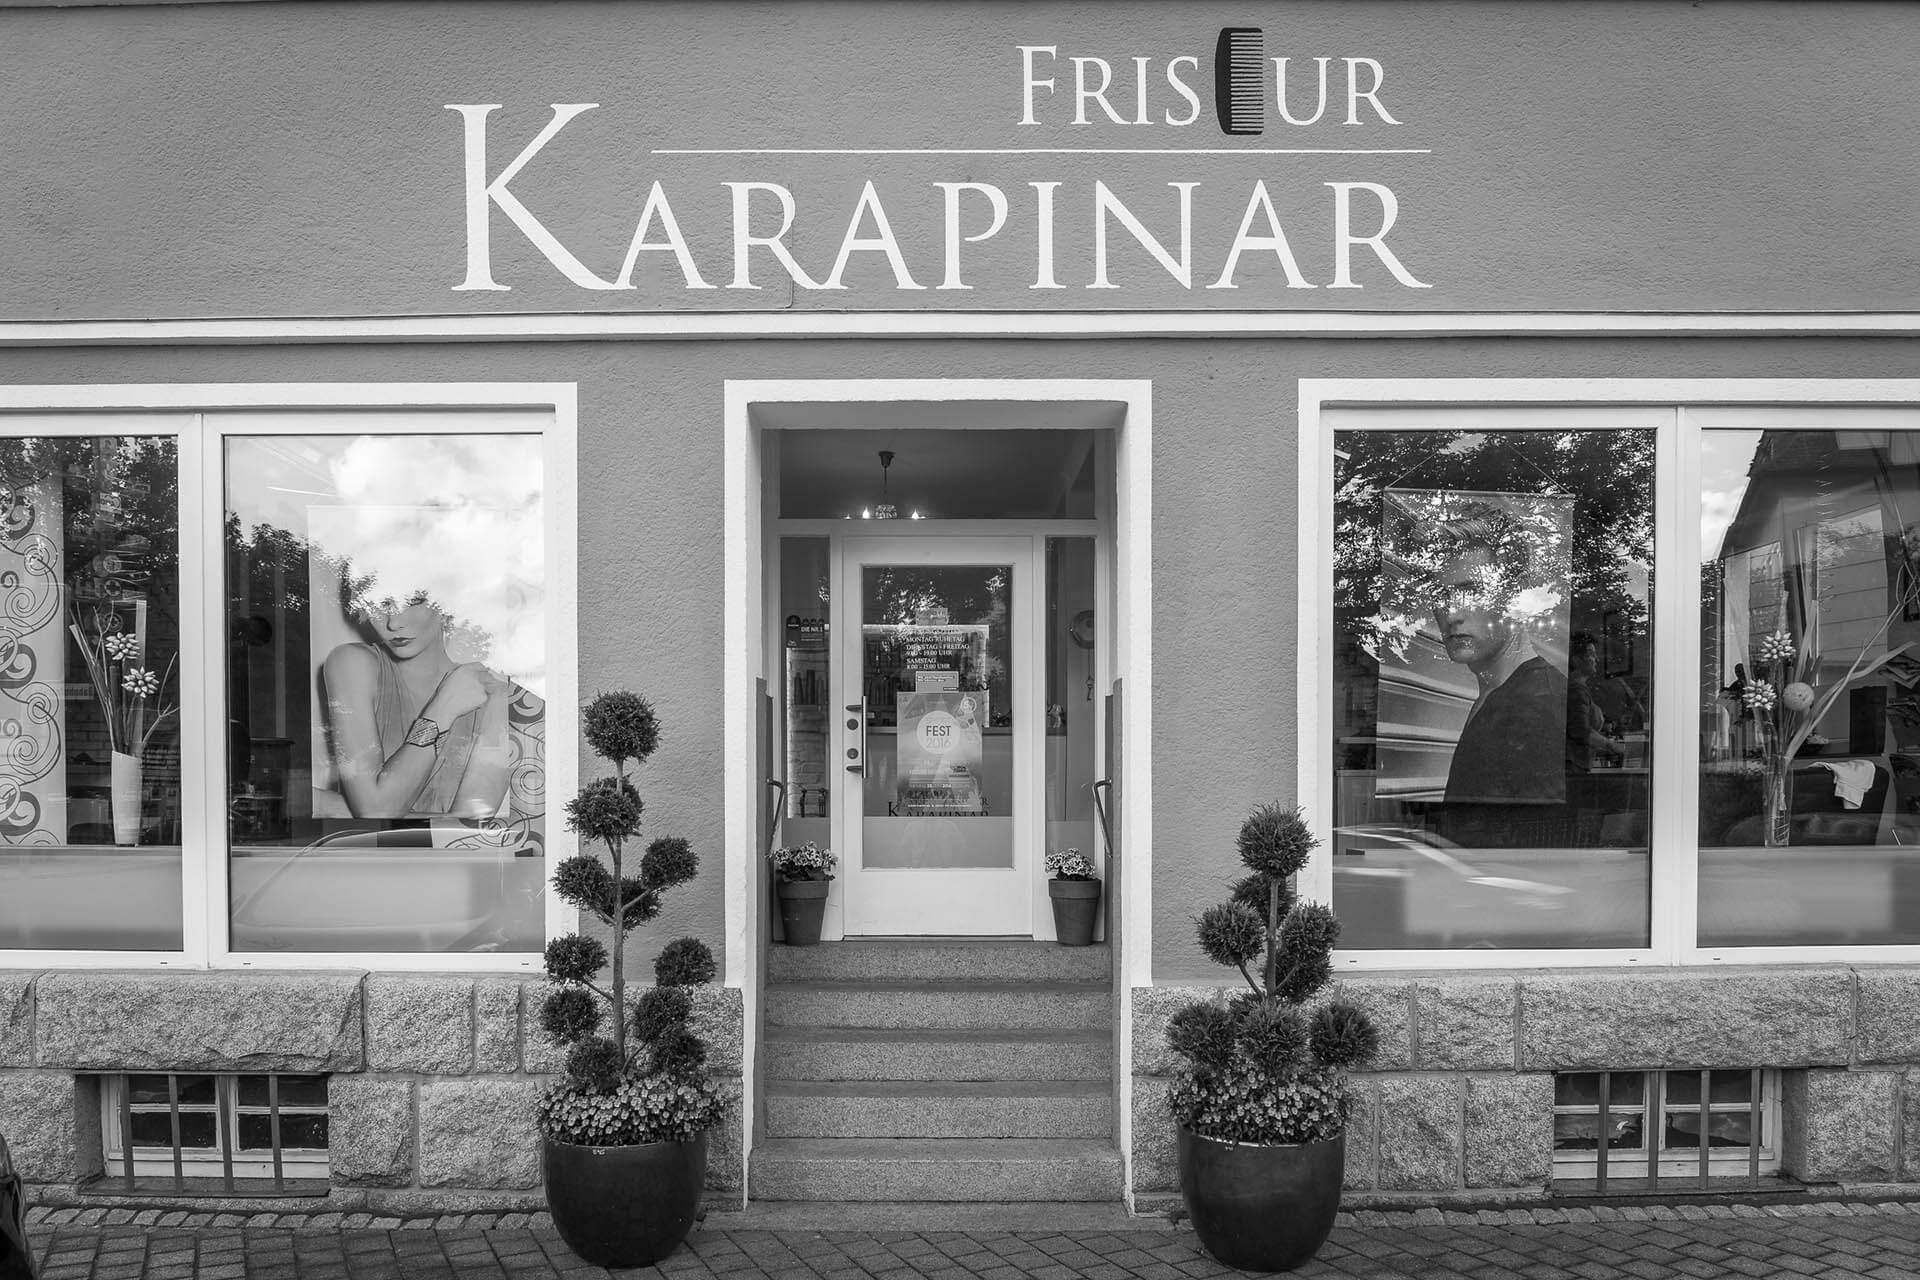 Bild der Friseur Karapinar